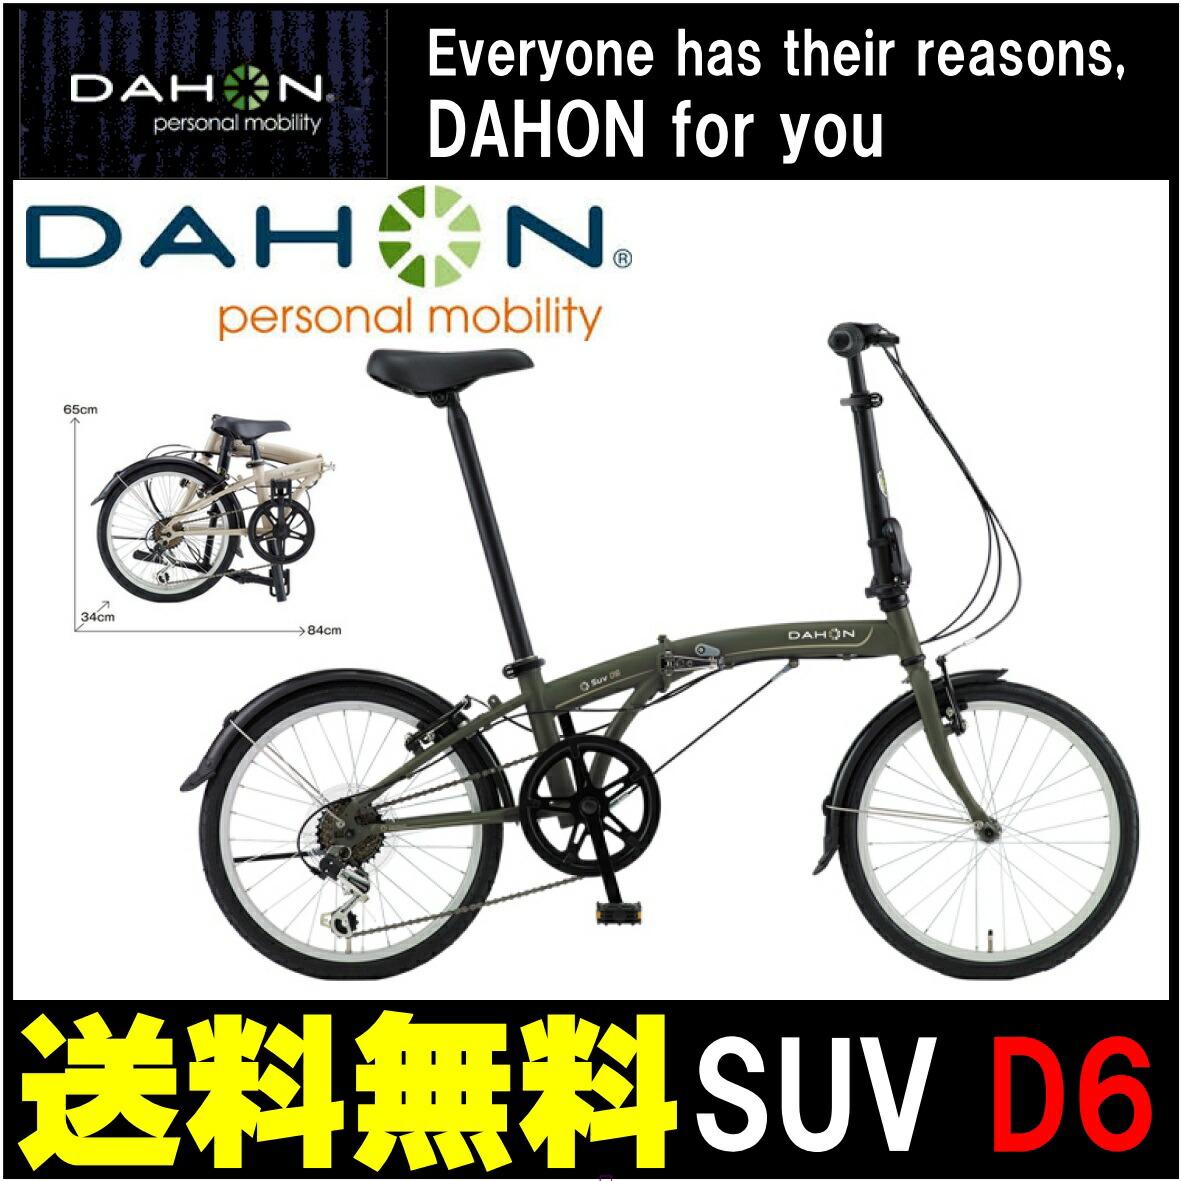 折りたたみ自転車 DAHON SUV D6 ダホン 自転車 マットカーキ20インチ 折りたたみ自転車 外装6段変速ギア ダホン 折りたたみ自転車 DAHON エスユーヴィー D6